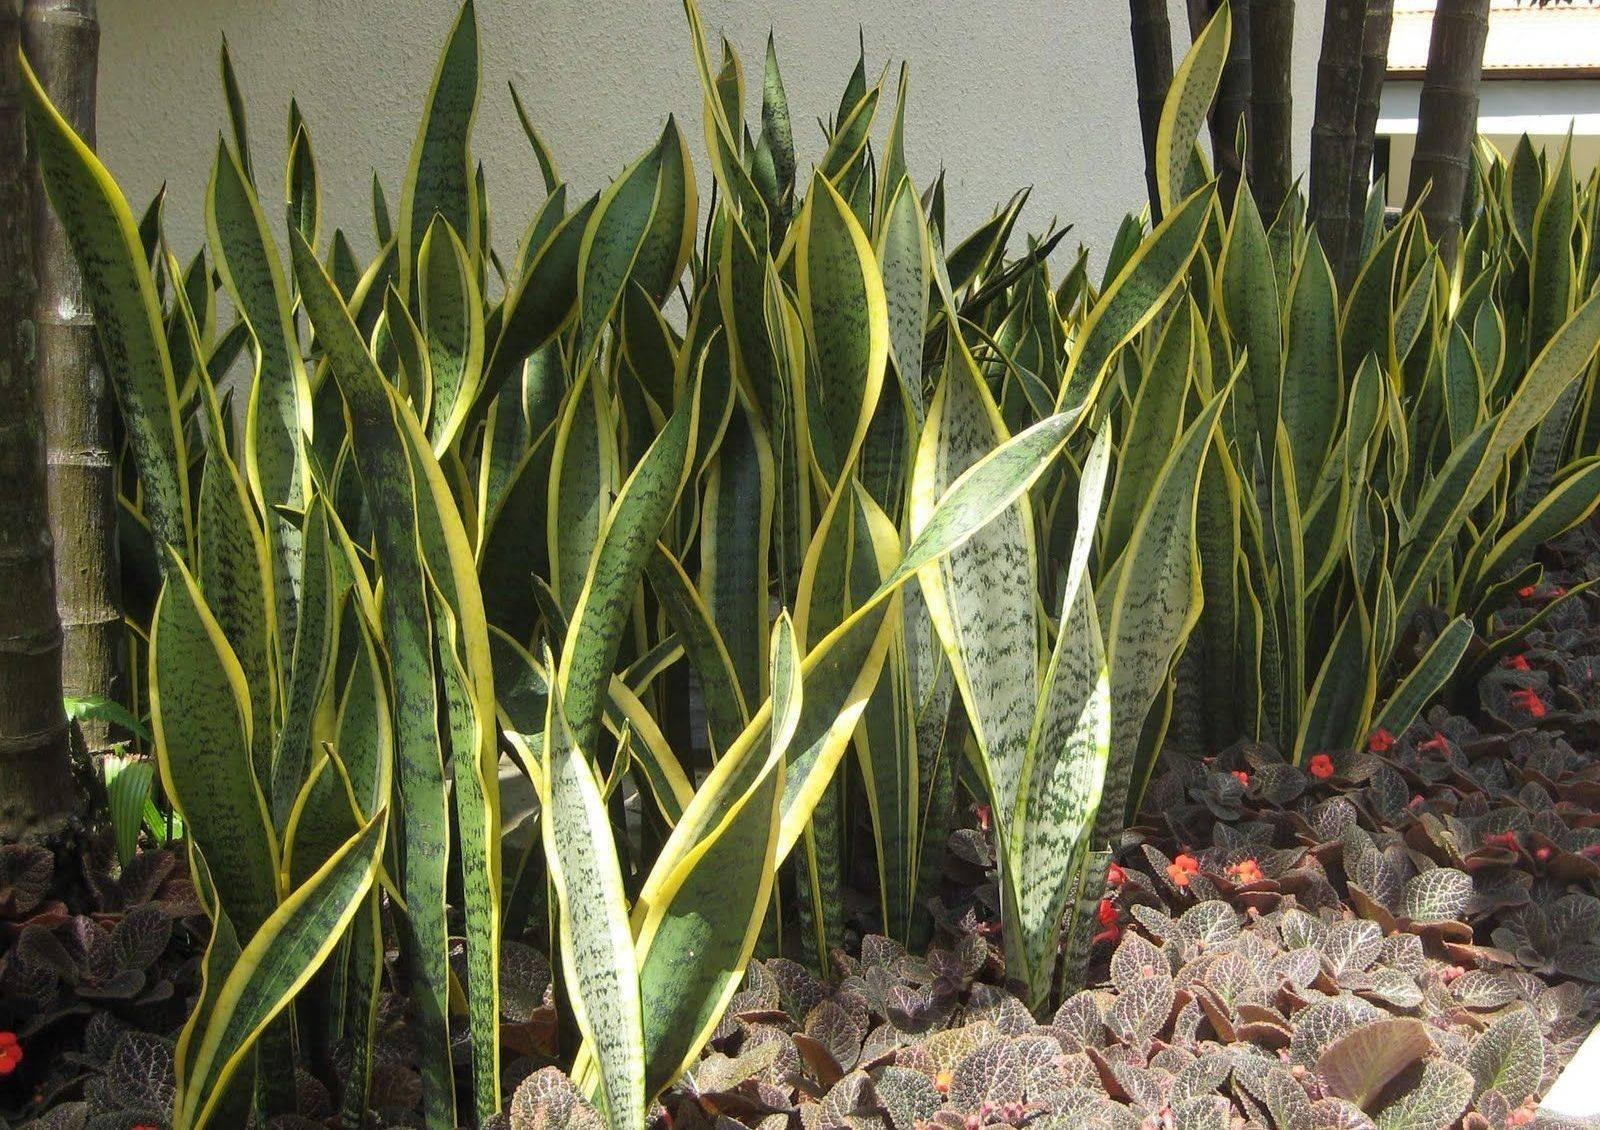 Сансевиерия вельвет тач (sansevieria velvet touch): описание, уход в домашних условиях, болезни и вредители, цветение и размножение